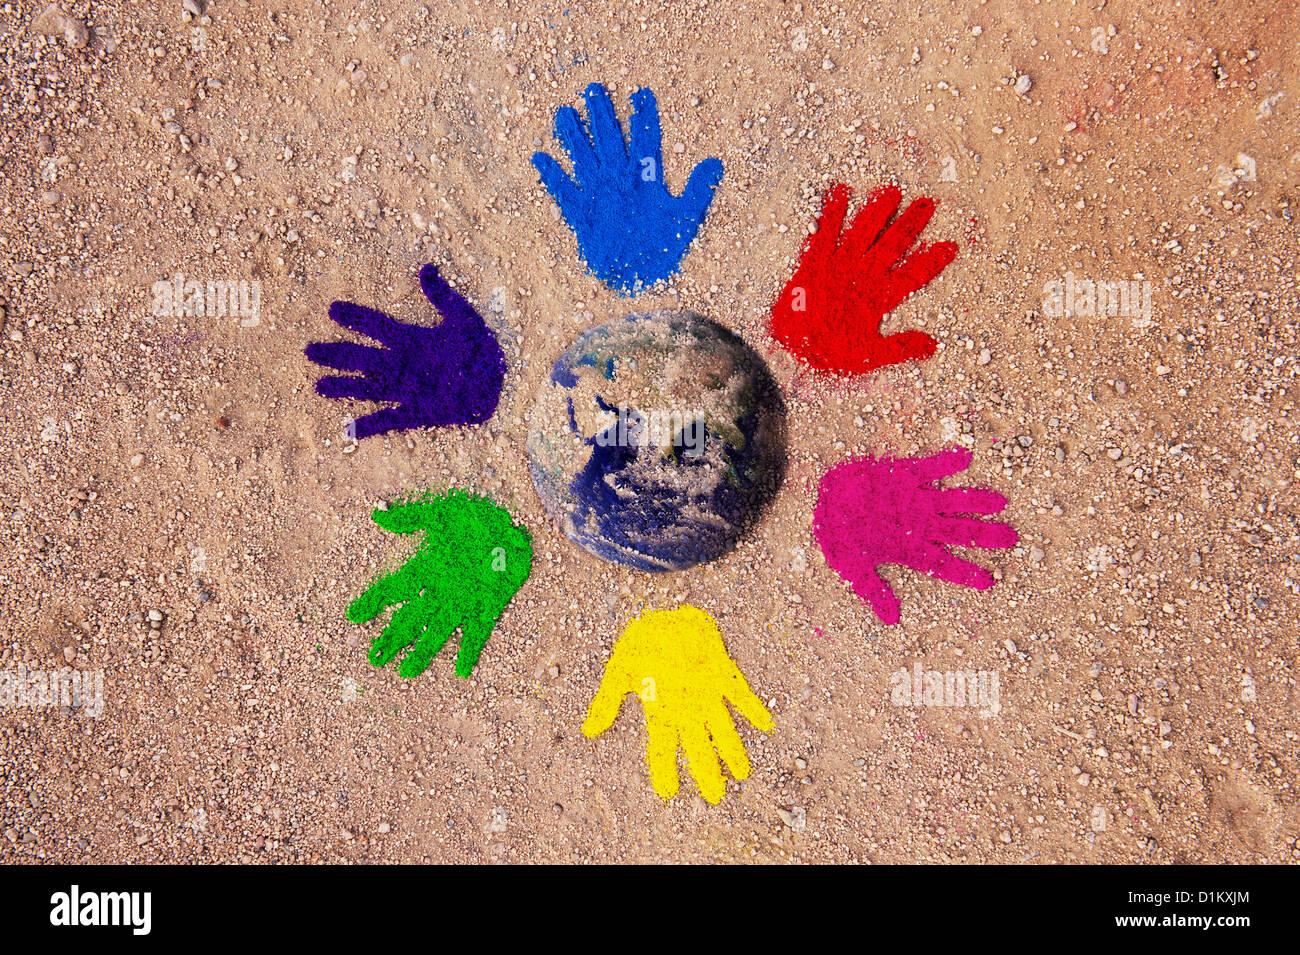 La poudre de couleur imprime sur un modèle circulaire sur un chemin de terre avec la terre d'un composite Photo Stock